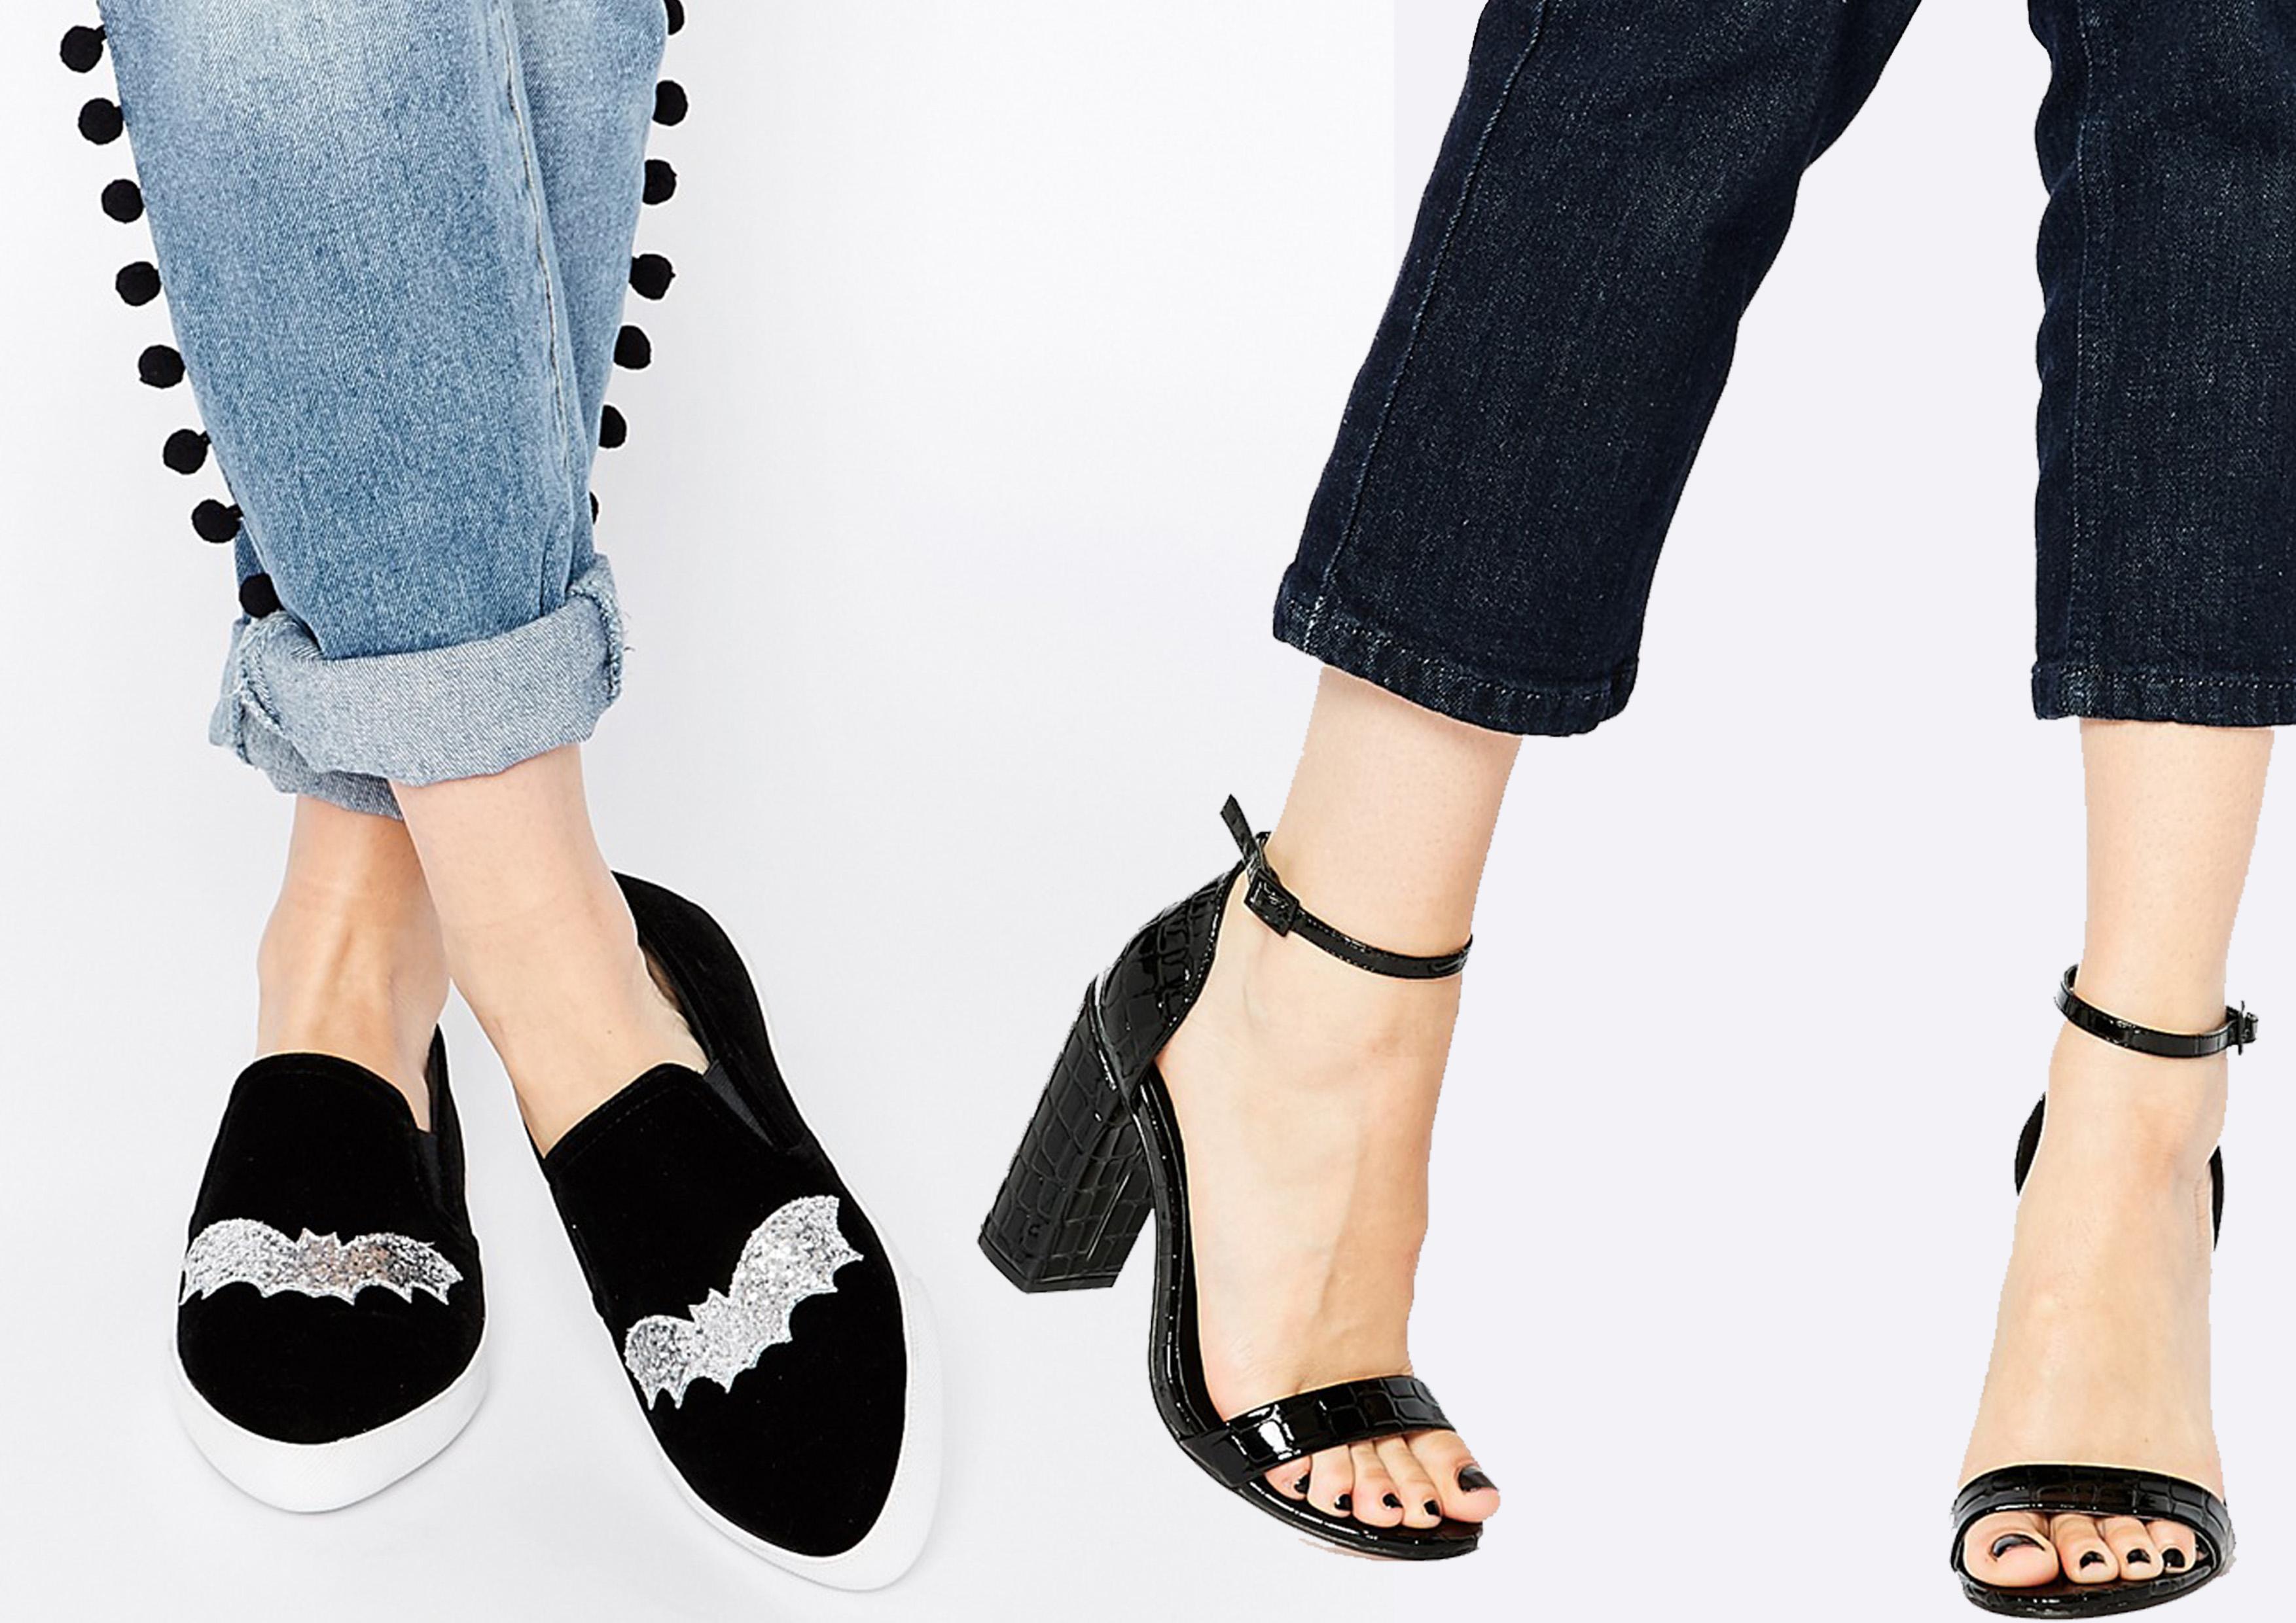 shseoes